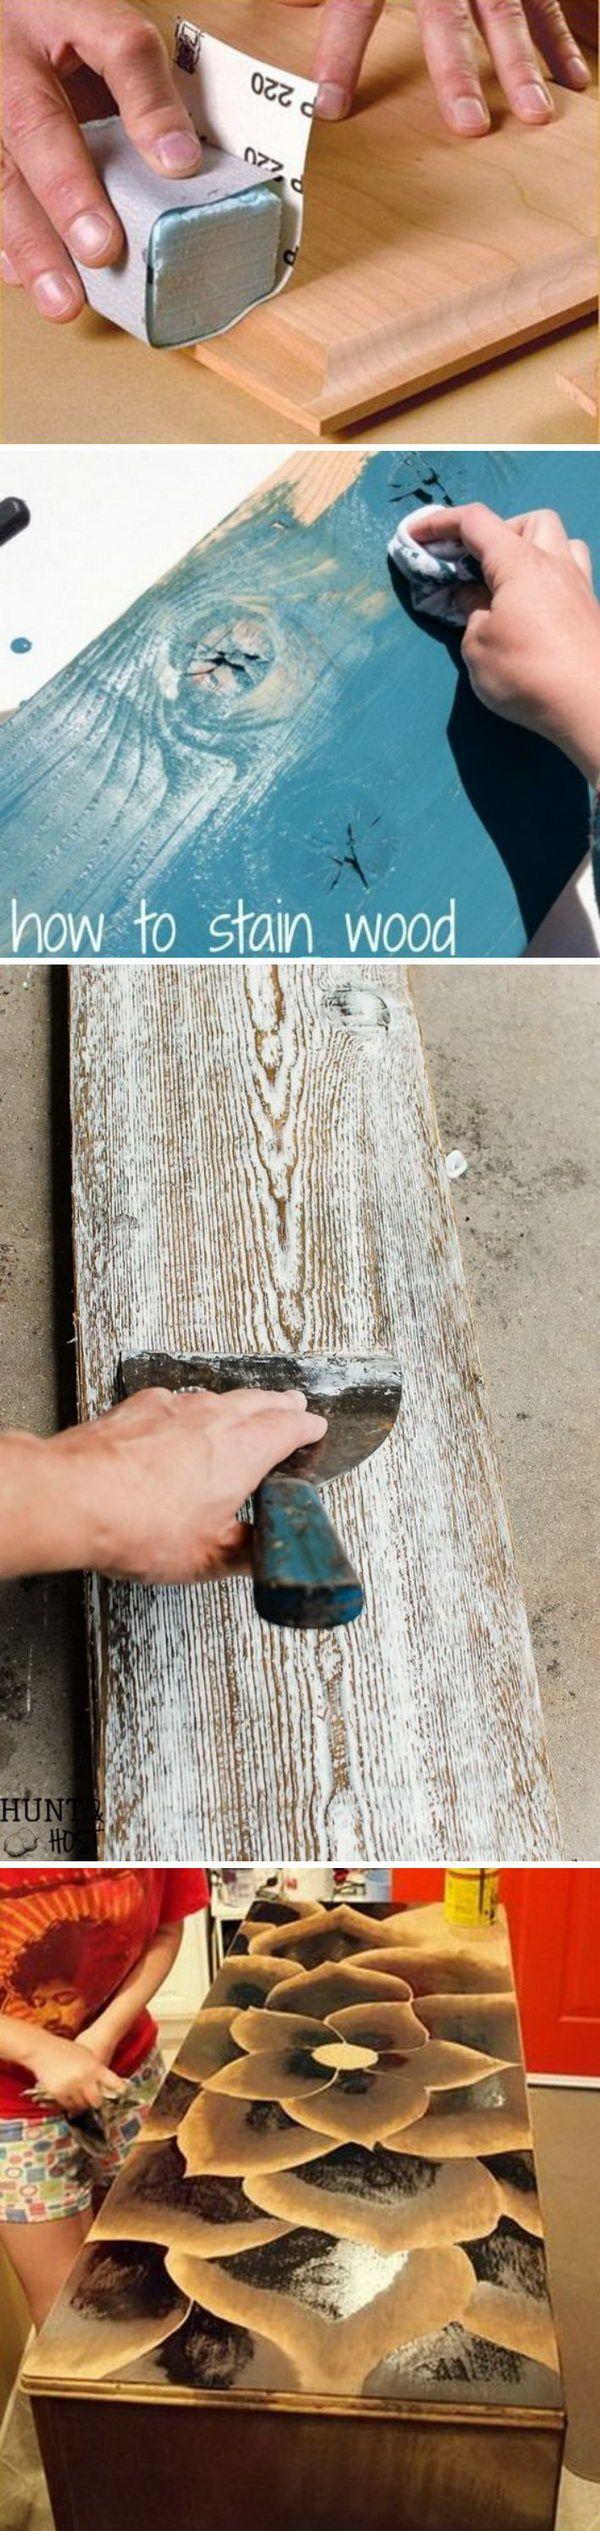 Les 25 meilleures idées de la catégorie Peinture sans poncer sur Pinterest Peindre bois vernis  # Enlever Peinture Bois Sans Poncer